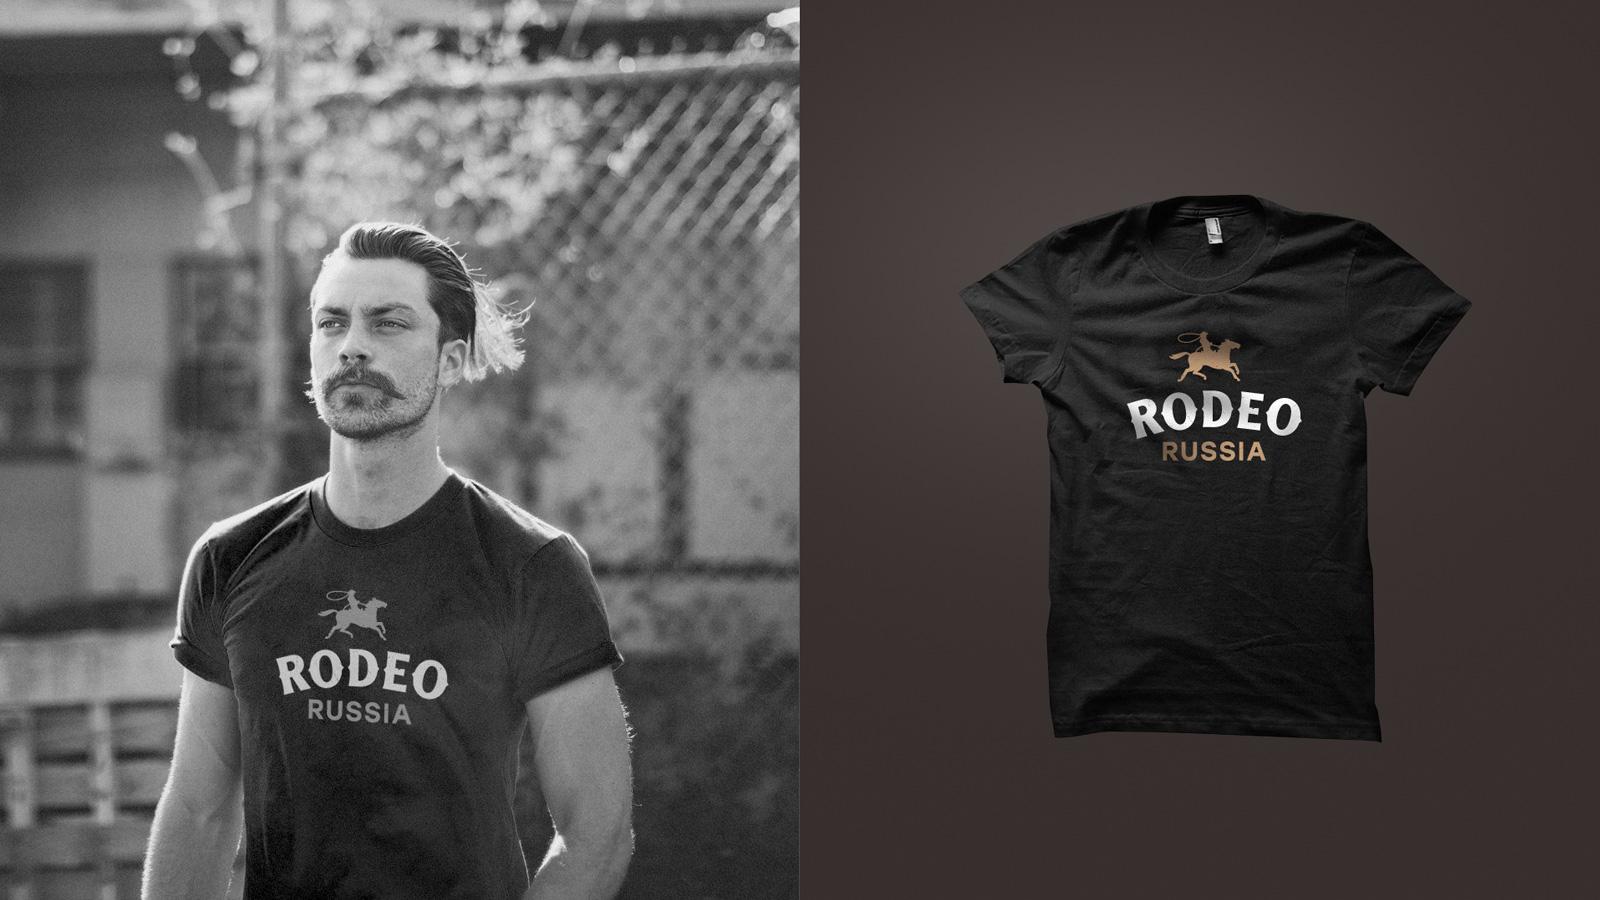 Фирменный стиль «Родео Мираторг» в дизайне футболок